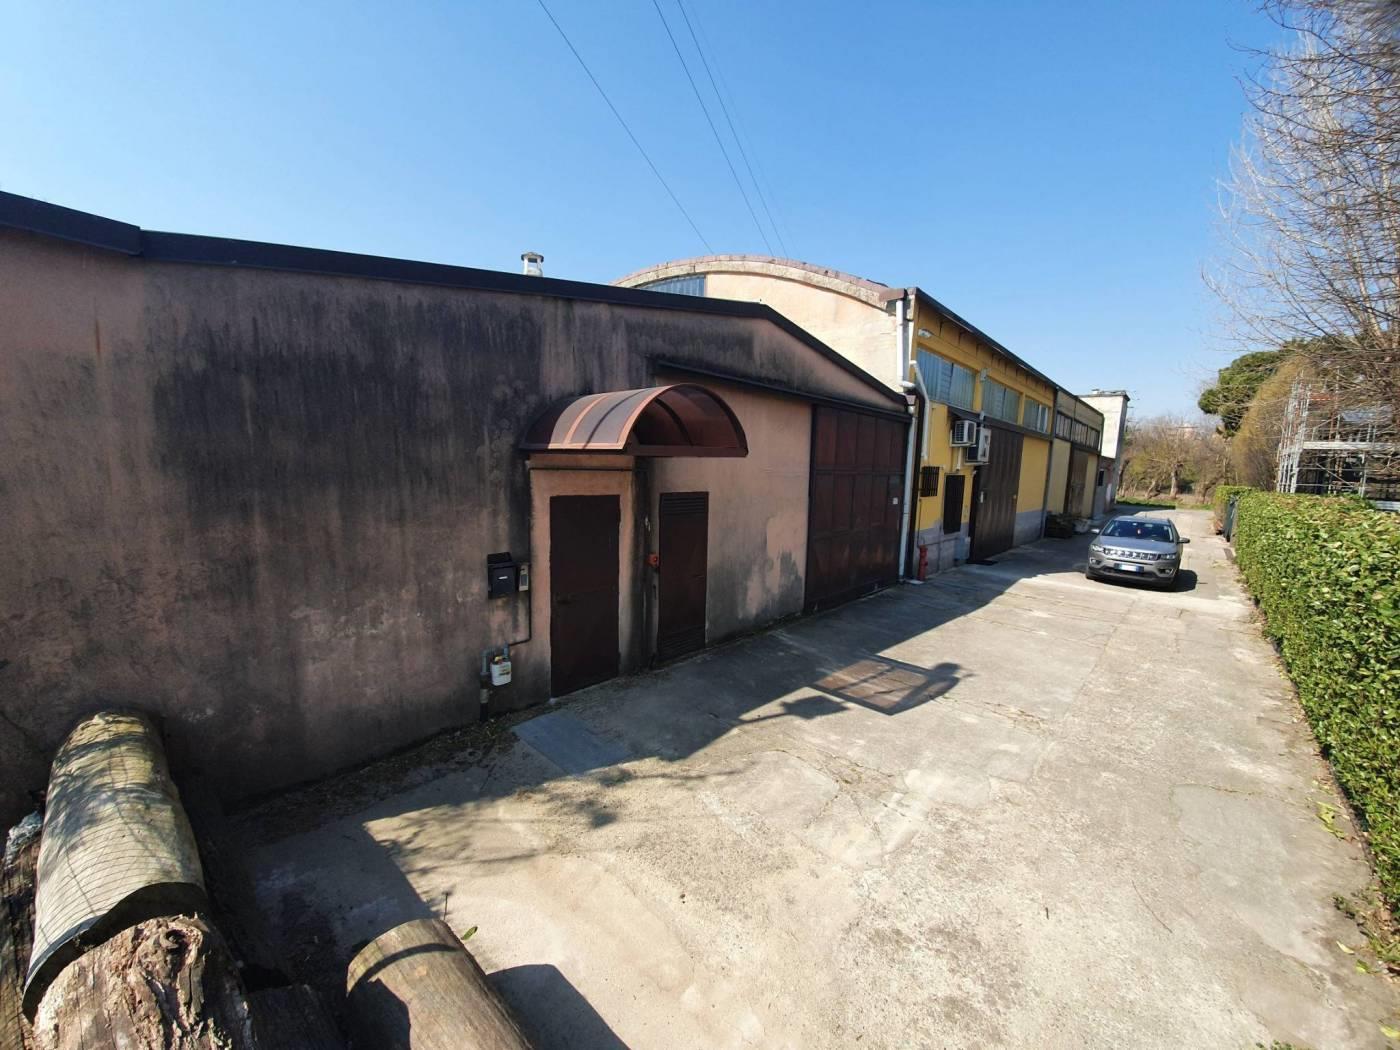 Foto 14 - Magazzino in Vendita - Monza, Zona Buonarroti